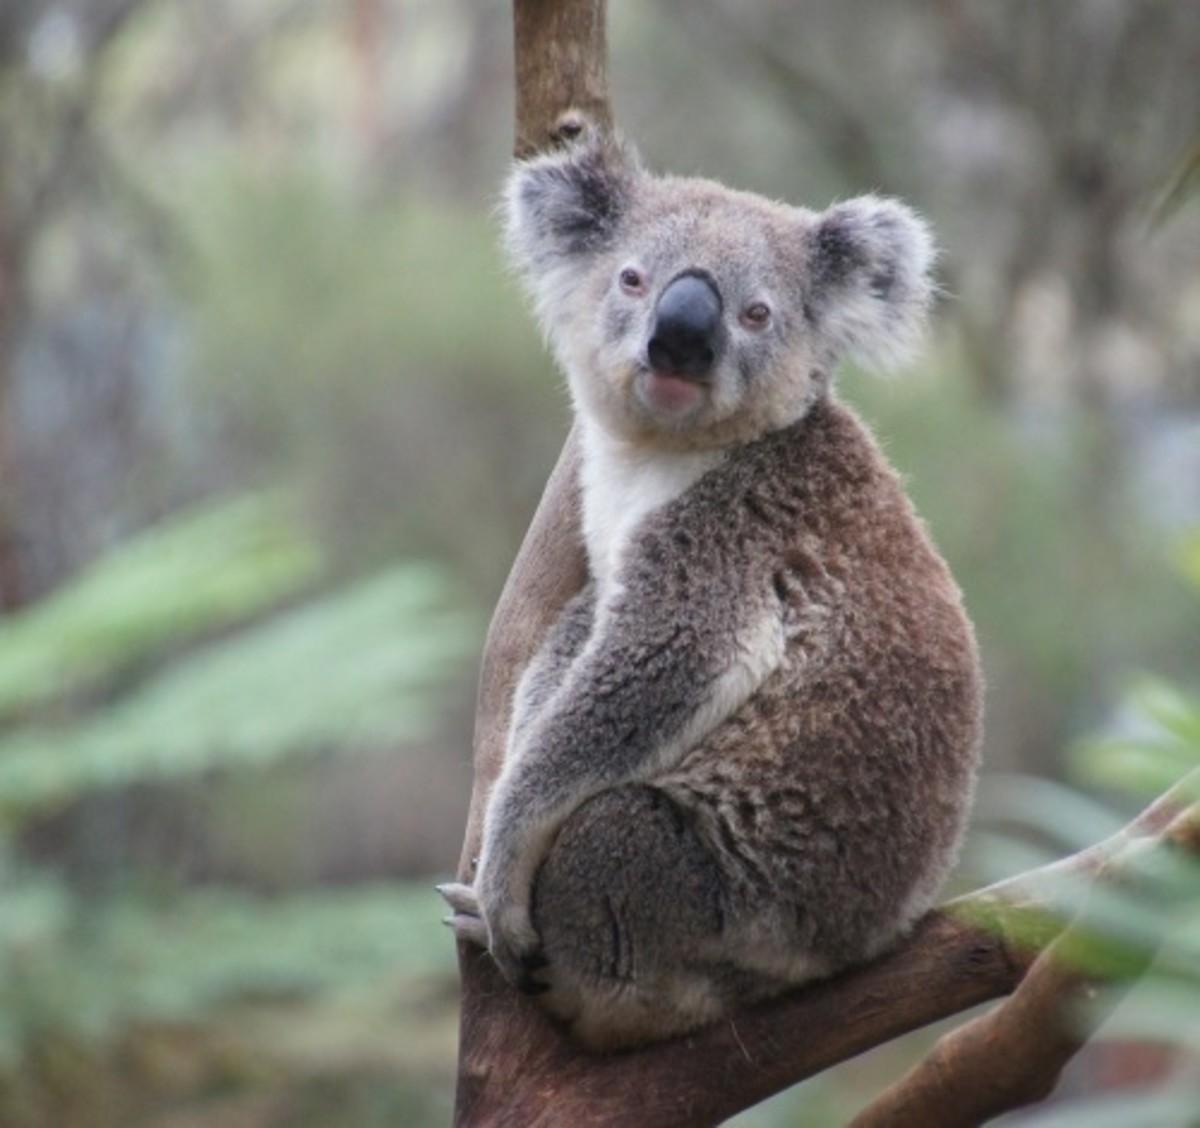 koala in the branch of a tree